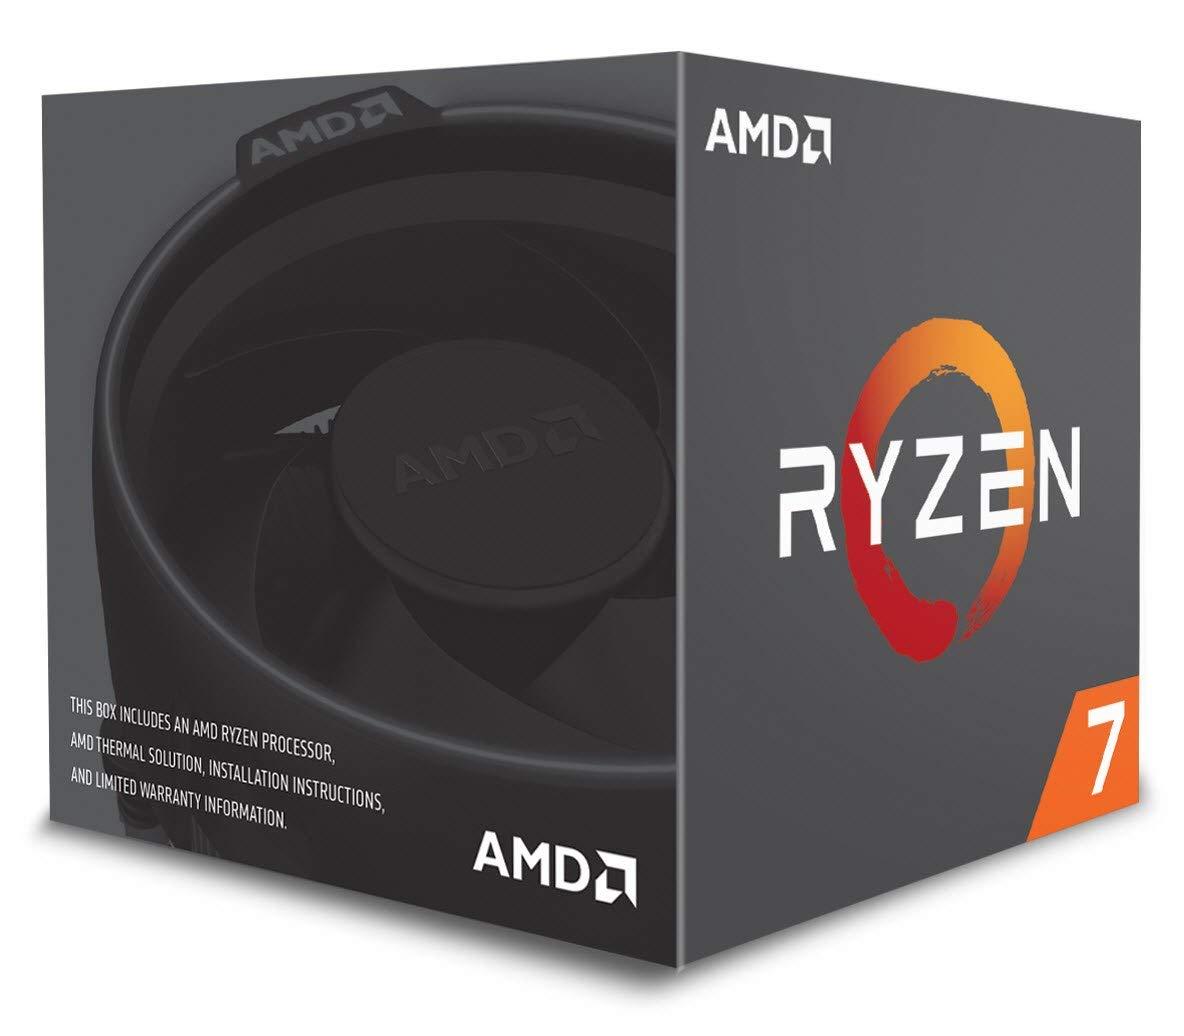 AMD Ryzen 7 2700  desde Amazon.it con disipador de calor Wraith Spire LED